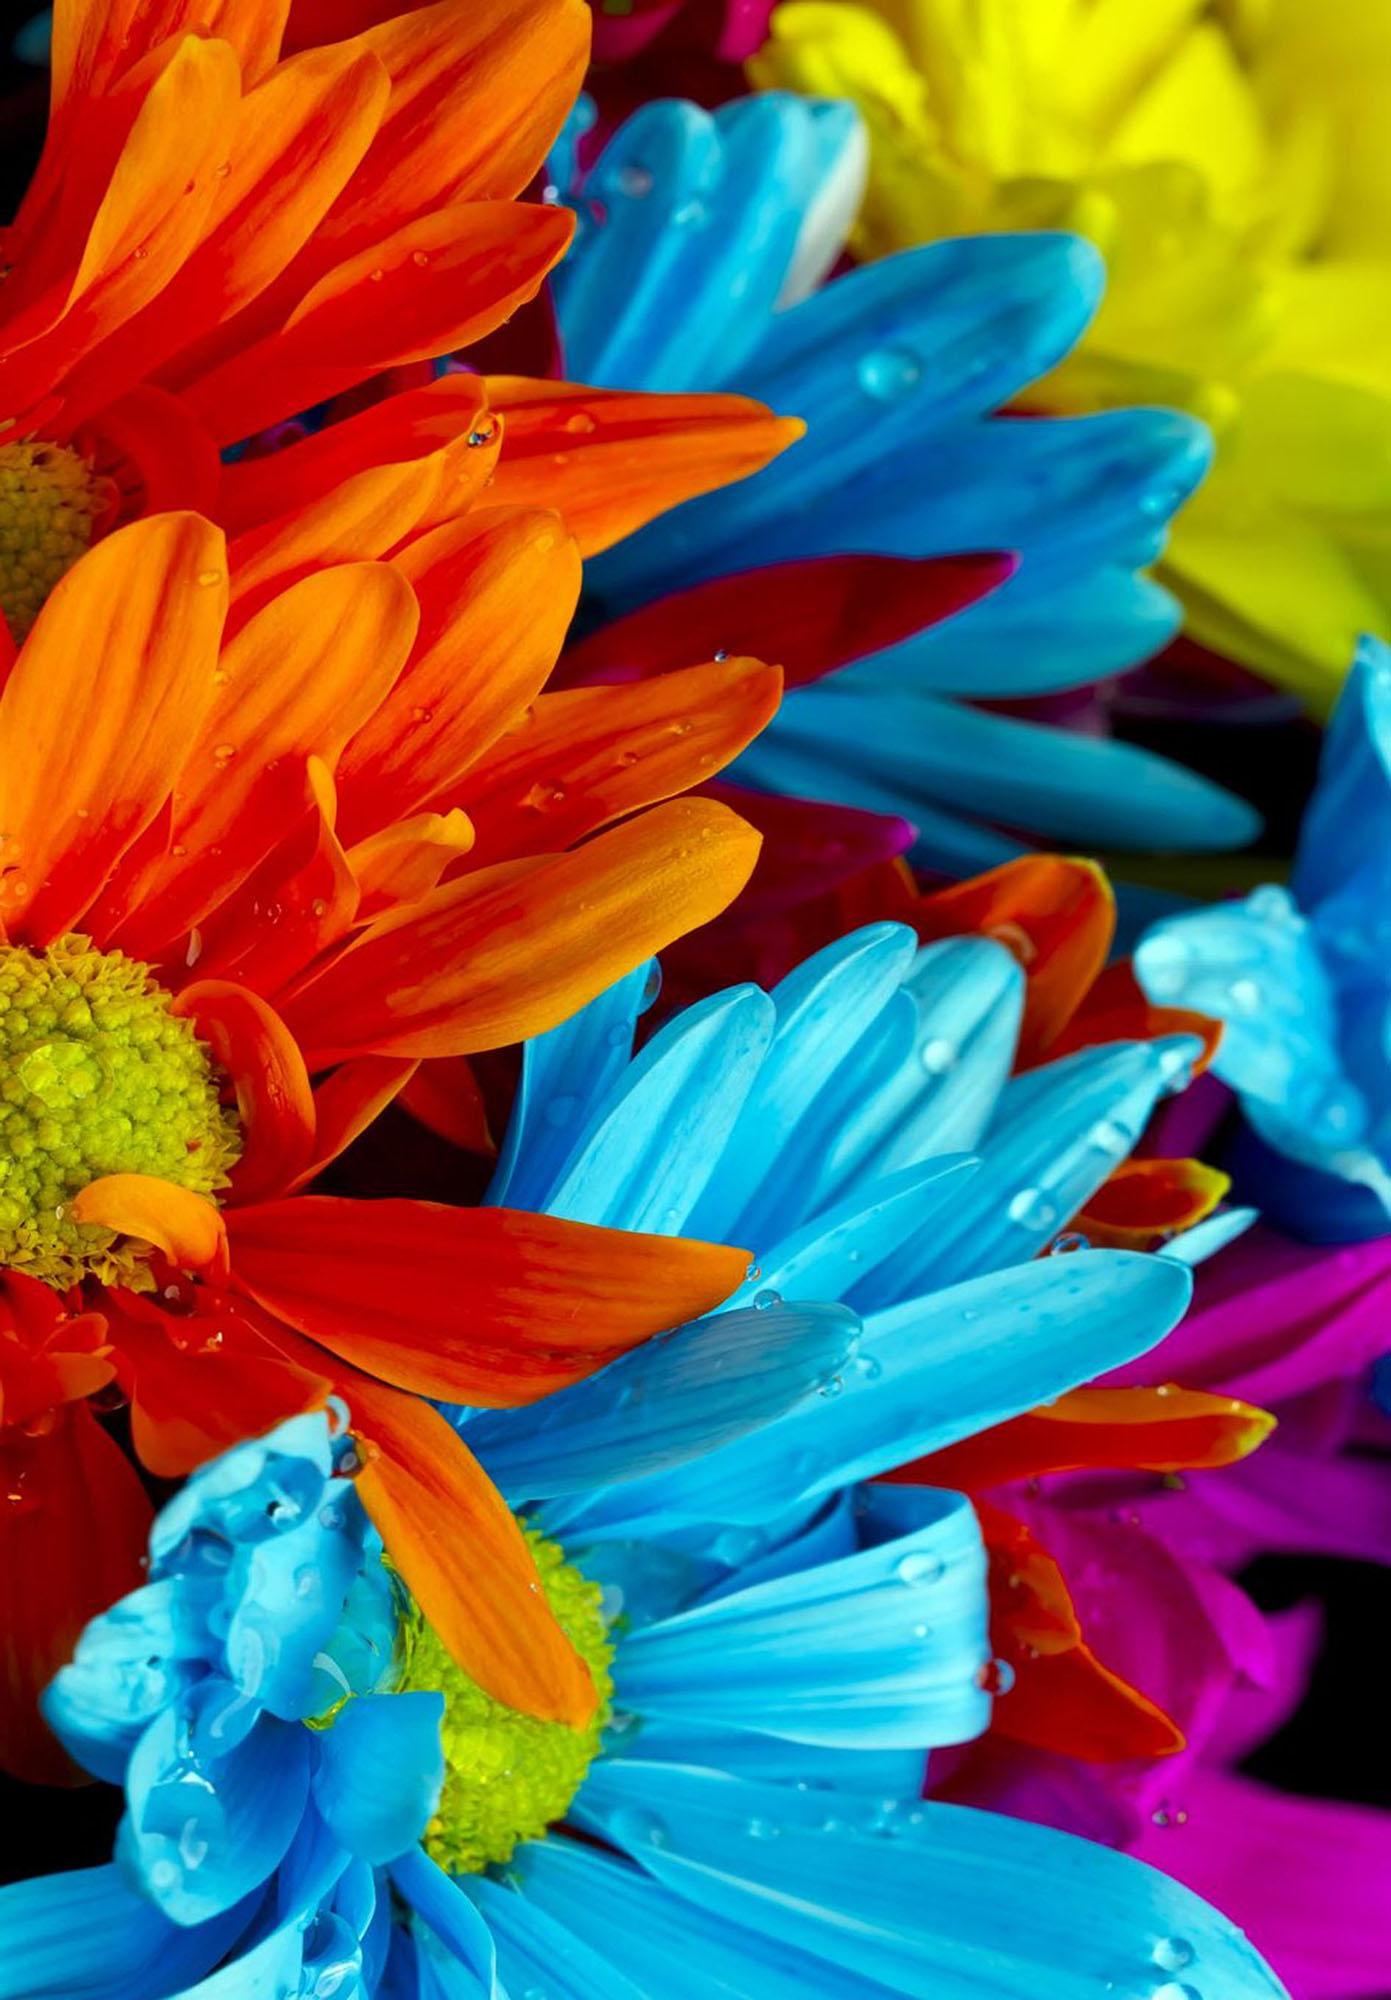 Covor Rainbow Colourful Flowers - 9969